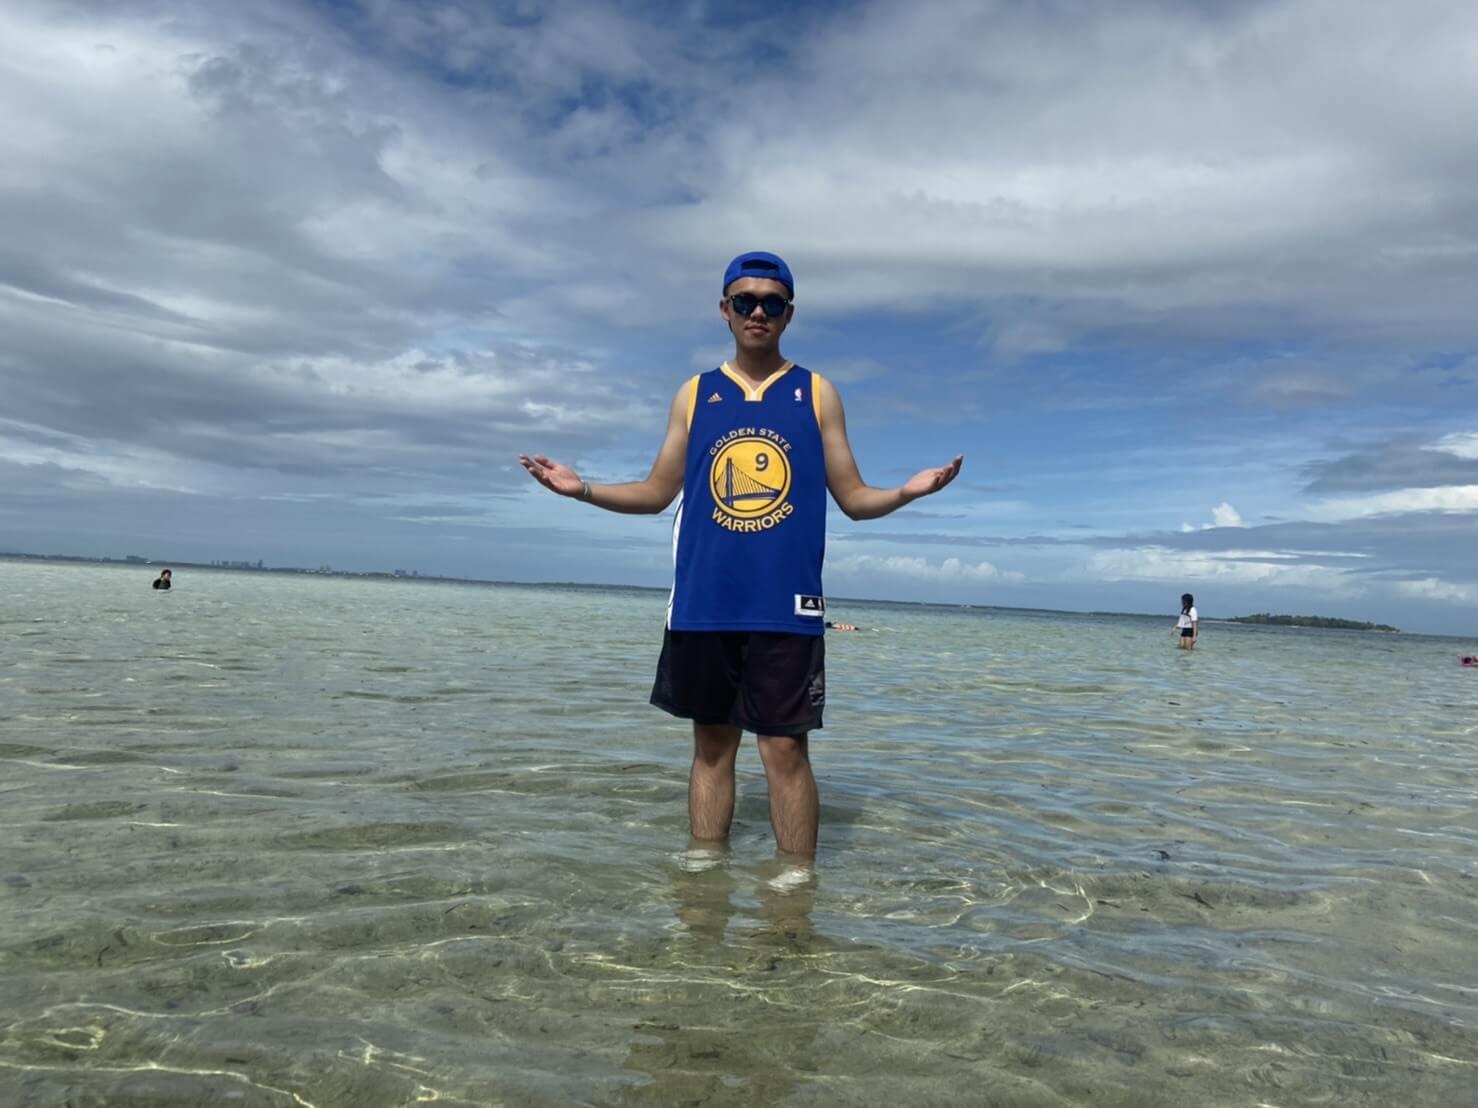 菲律賓遊學經驗, 宿霧EV語言學校